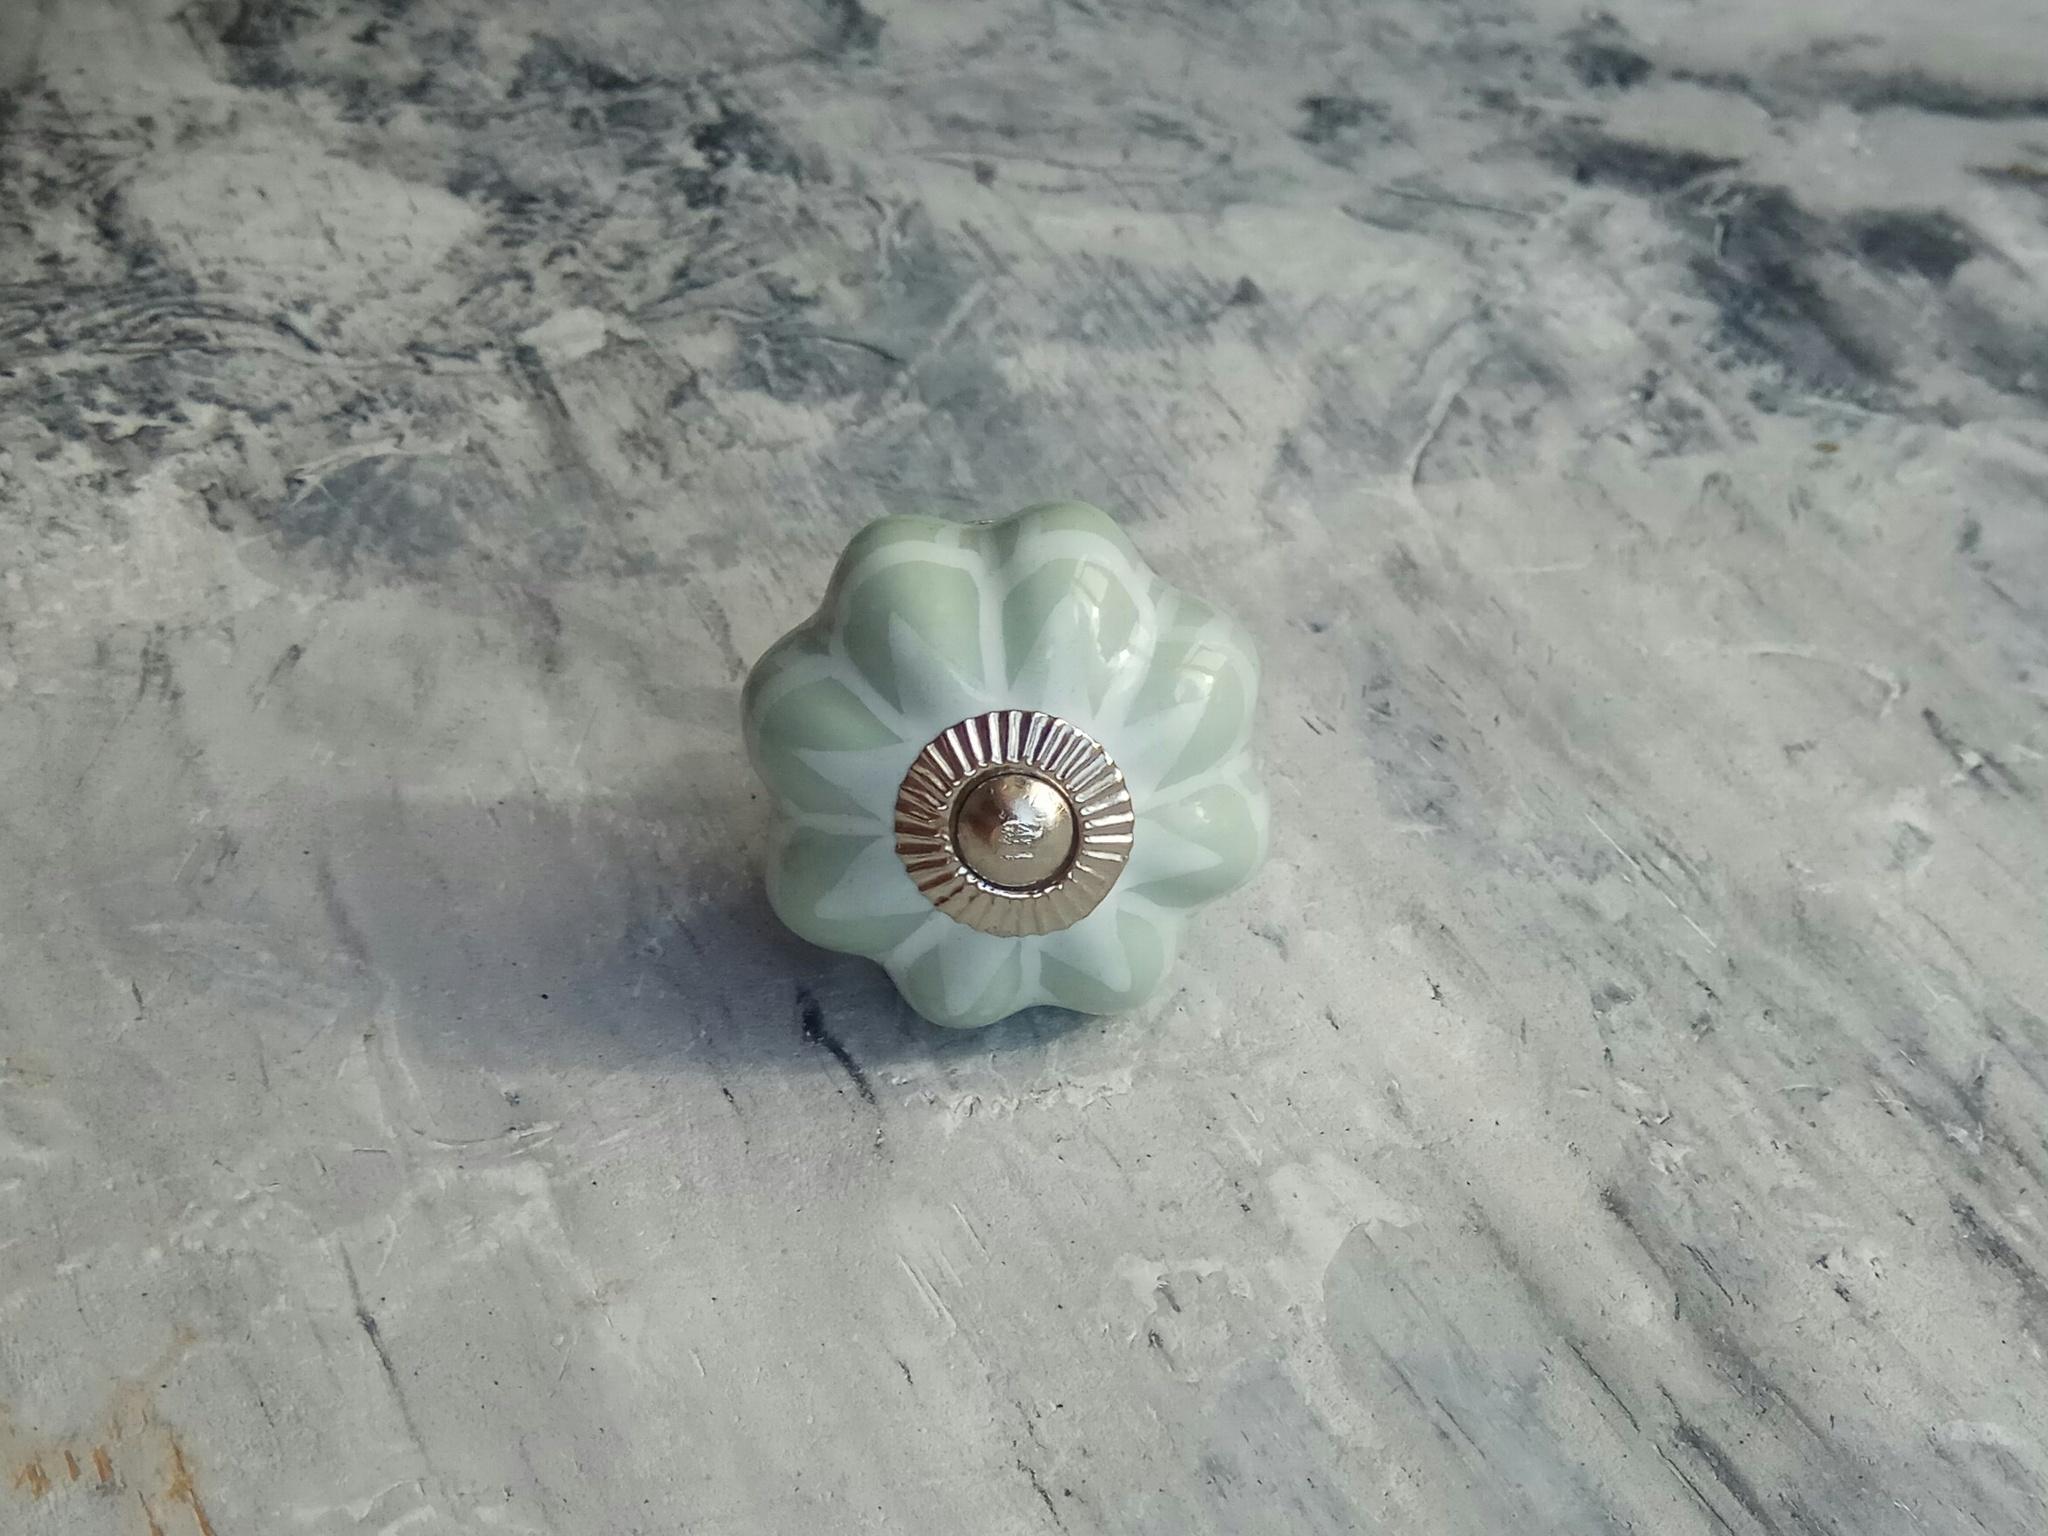 Ручка мебельная керамическая мятная с цветочным орнаментом, арт. 00001094